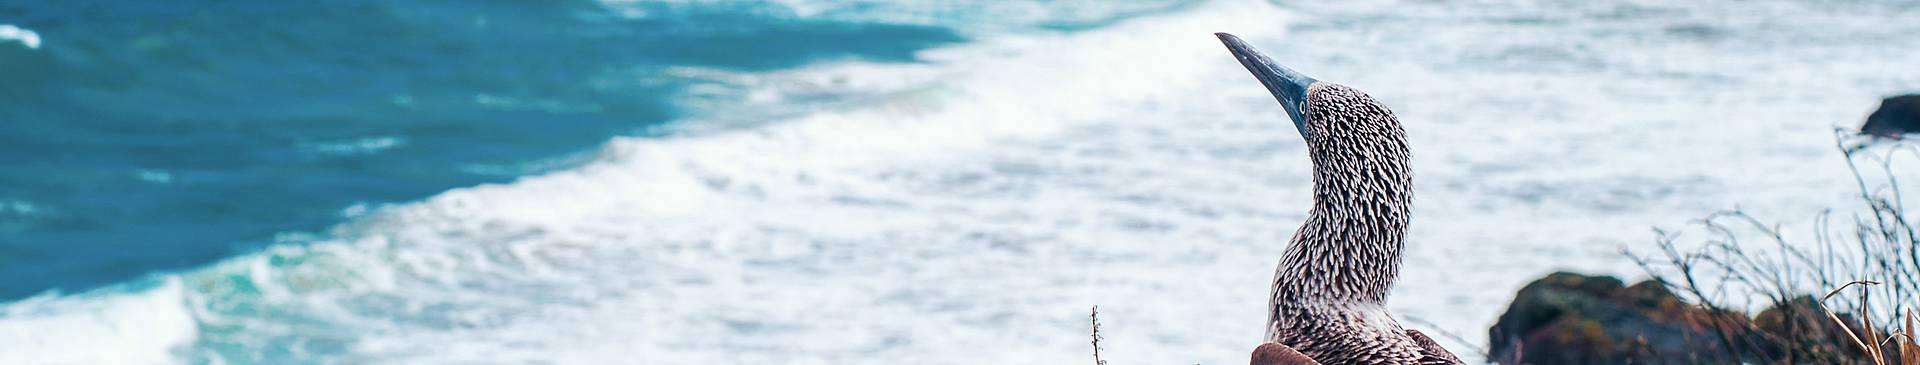 Découverte des îles d'Equateur